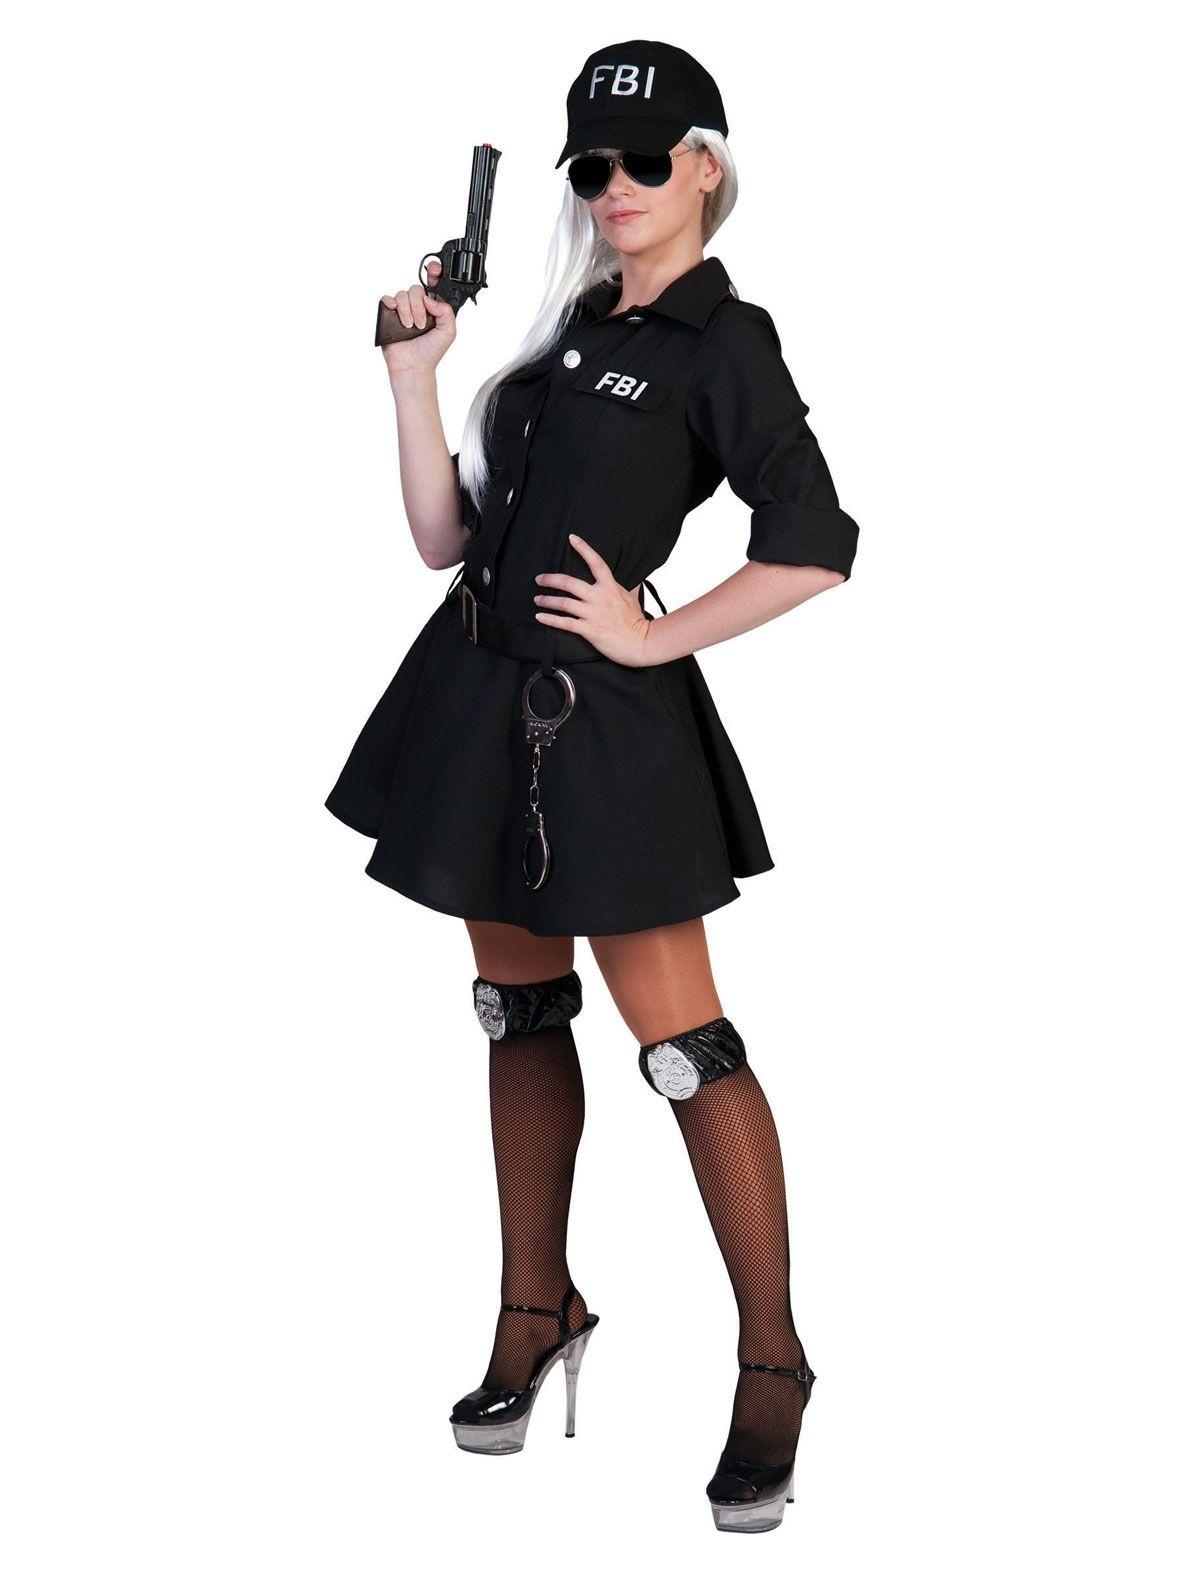 FBI Vrouw Kostuum